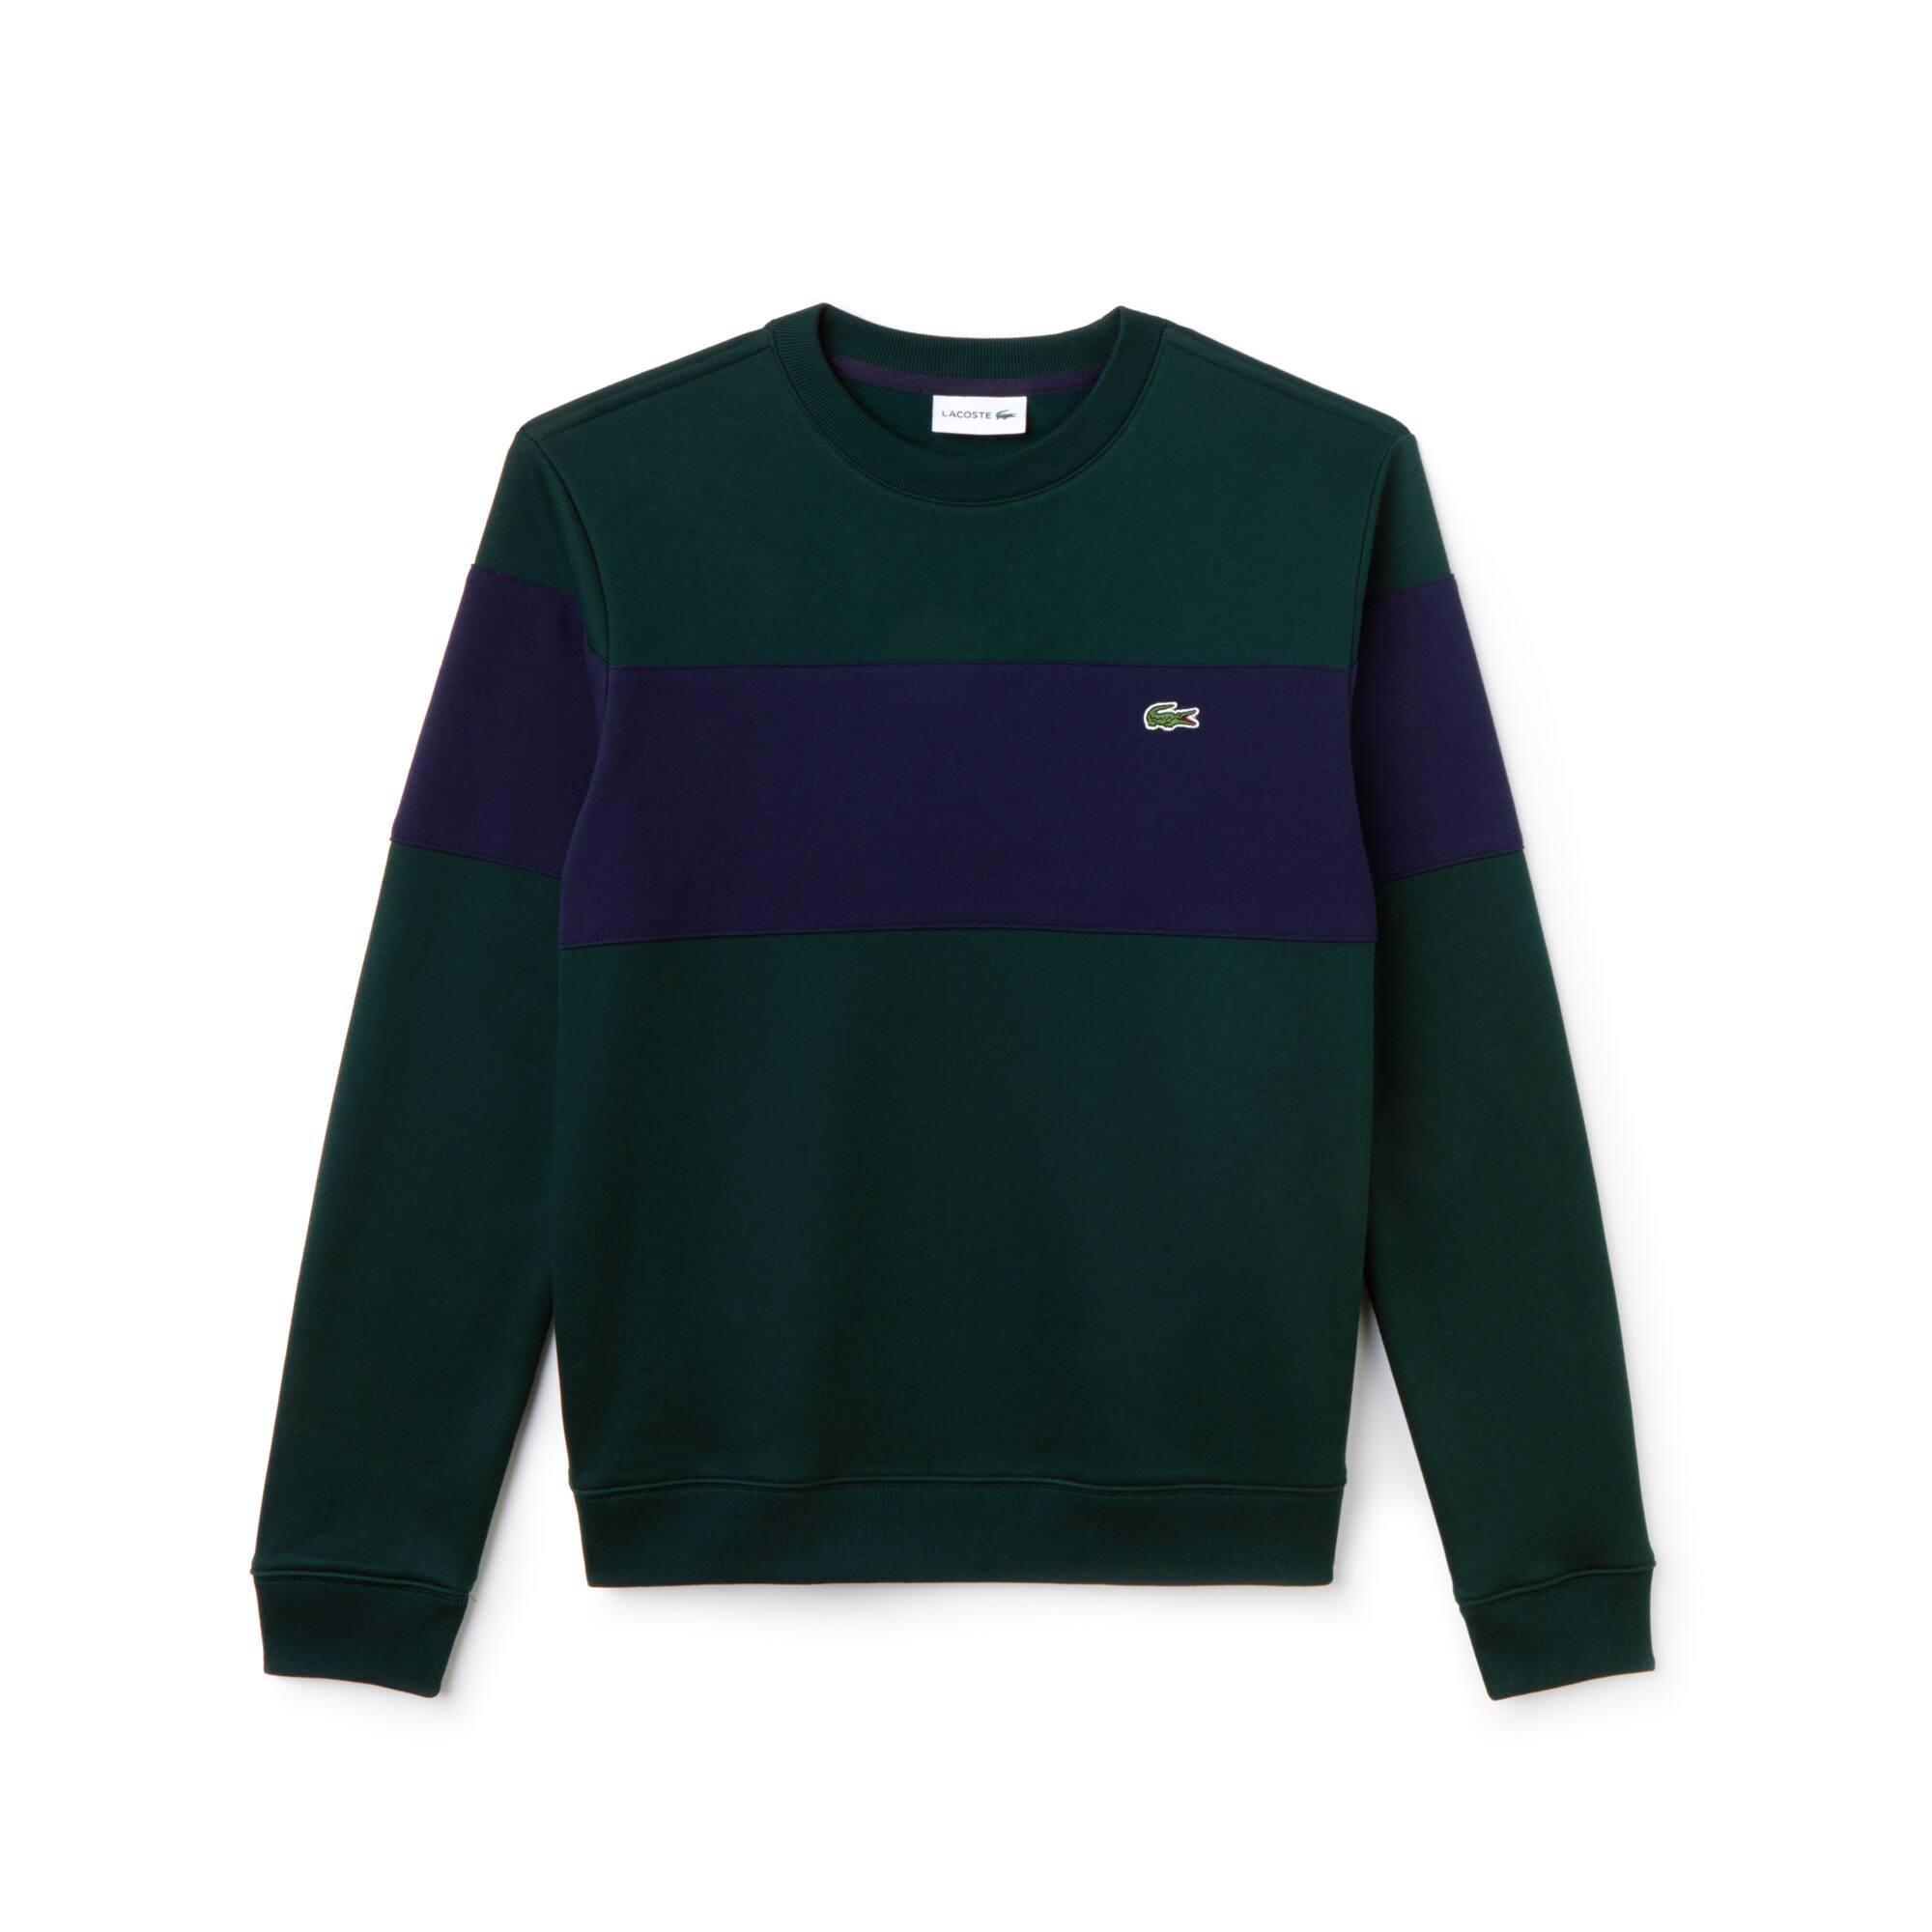 Sweatshirt com decote redondo em moletão de algodão color block